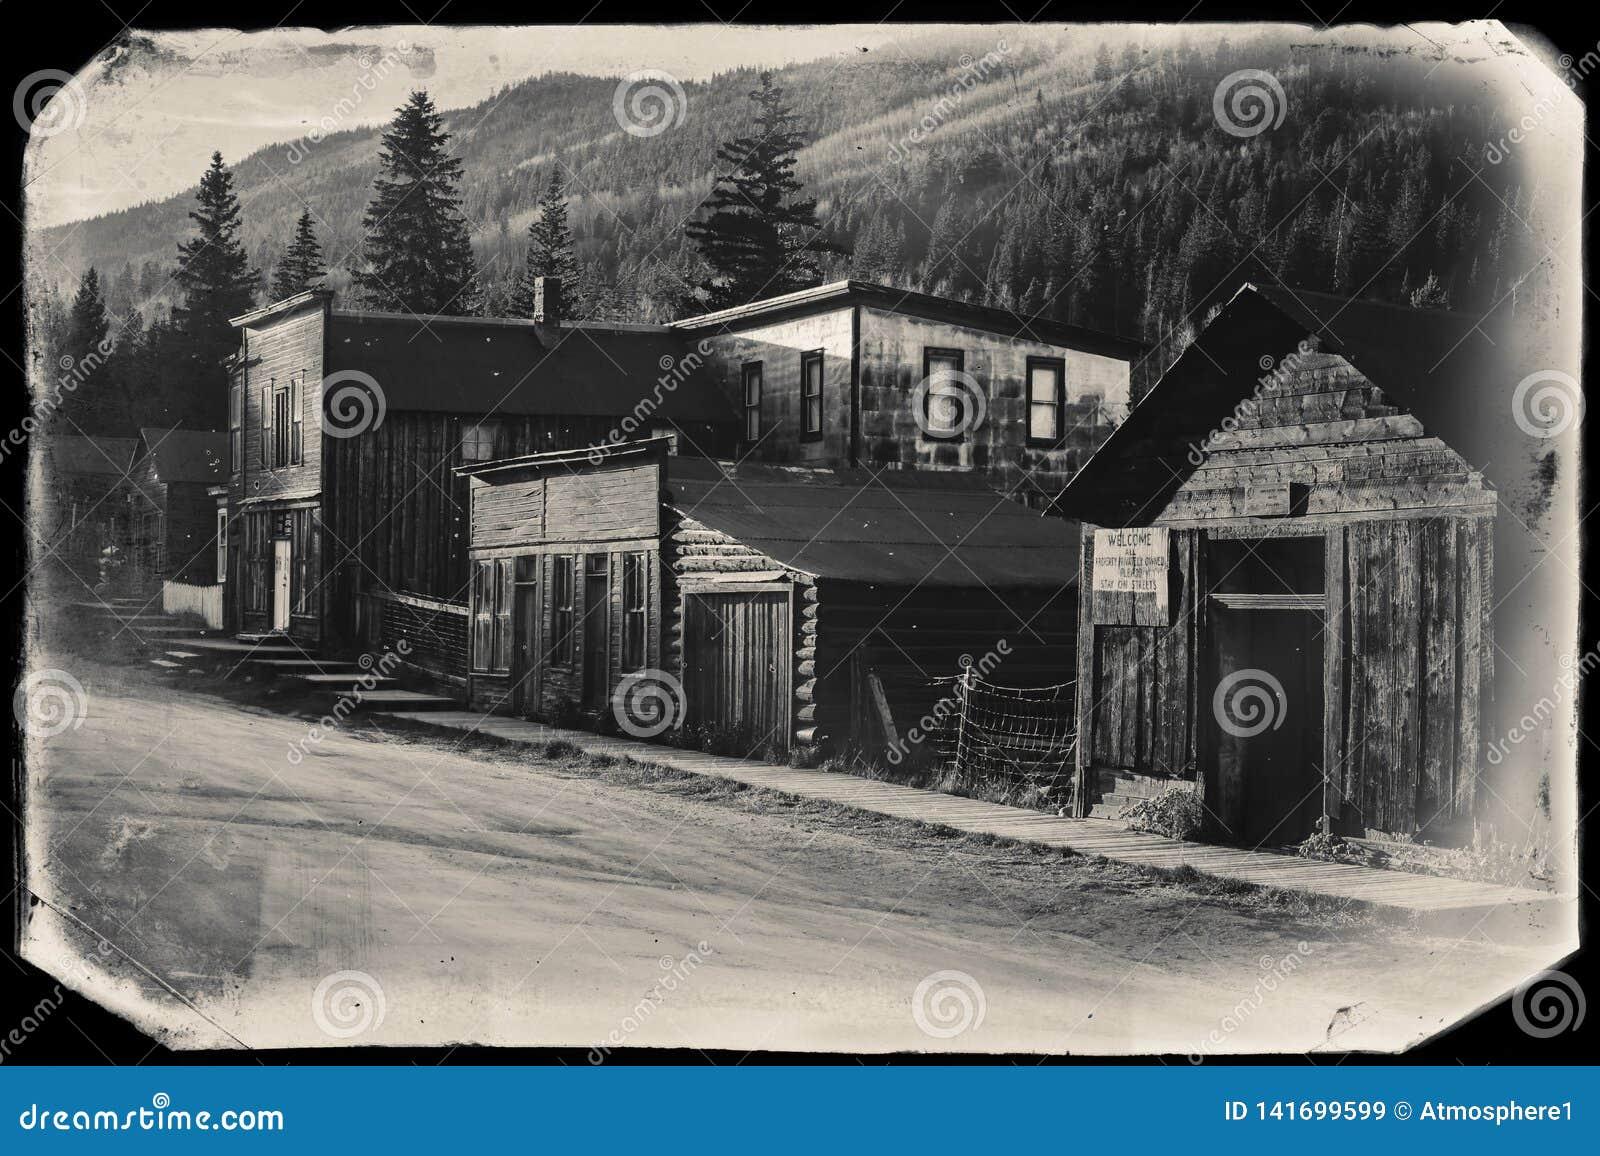 Schwarzweiss-Sepia-Weinlese-Foto von alten westlichen hölzernen Gebäuden in St. Elmo Gold Mine Ghost Town in Colorado